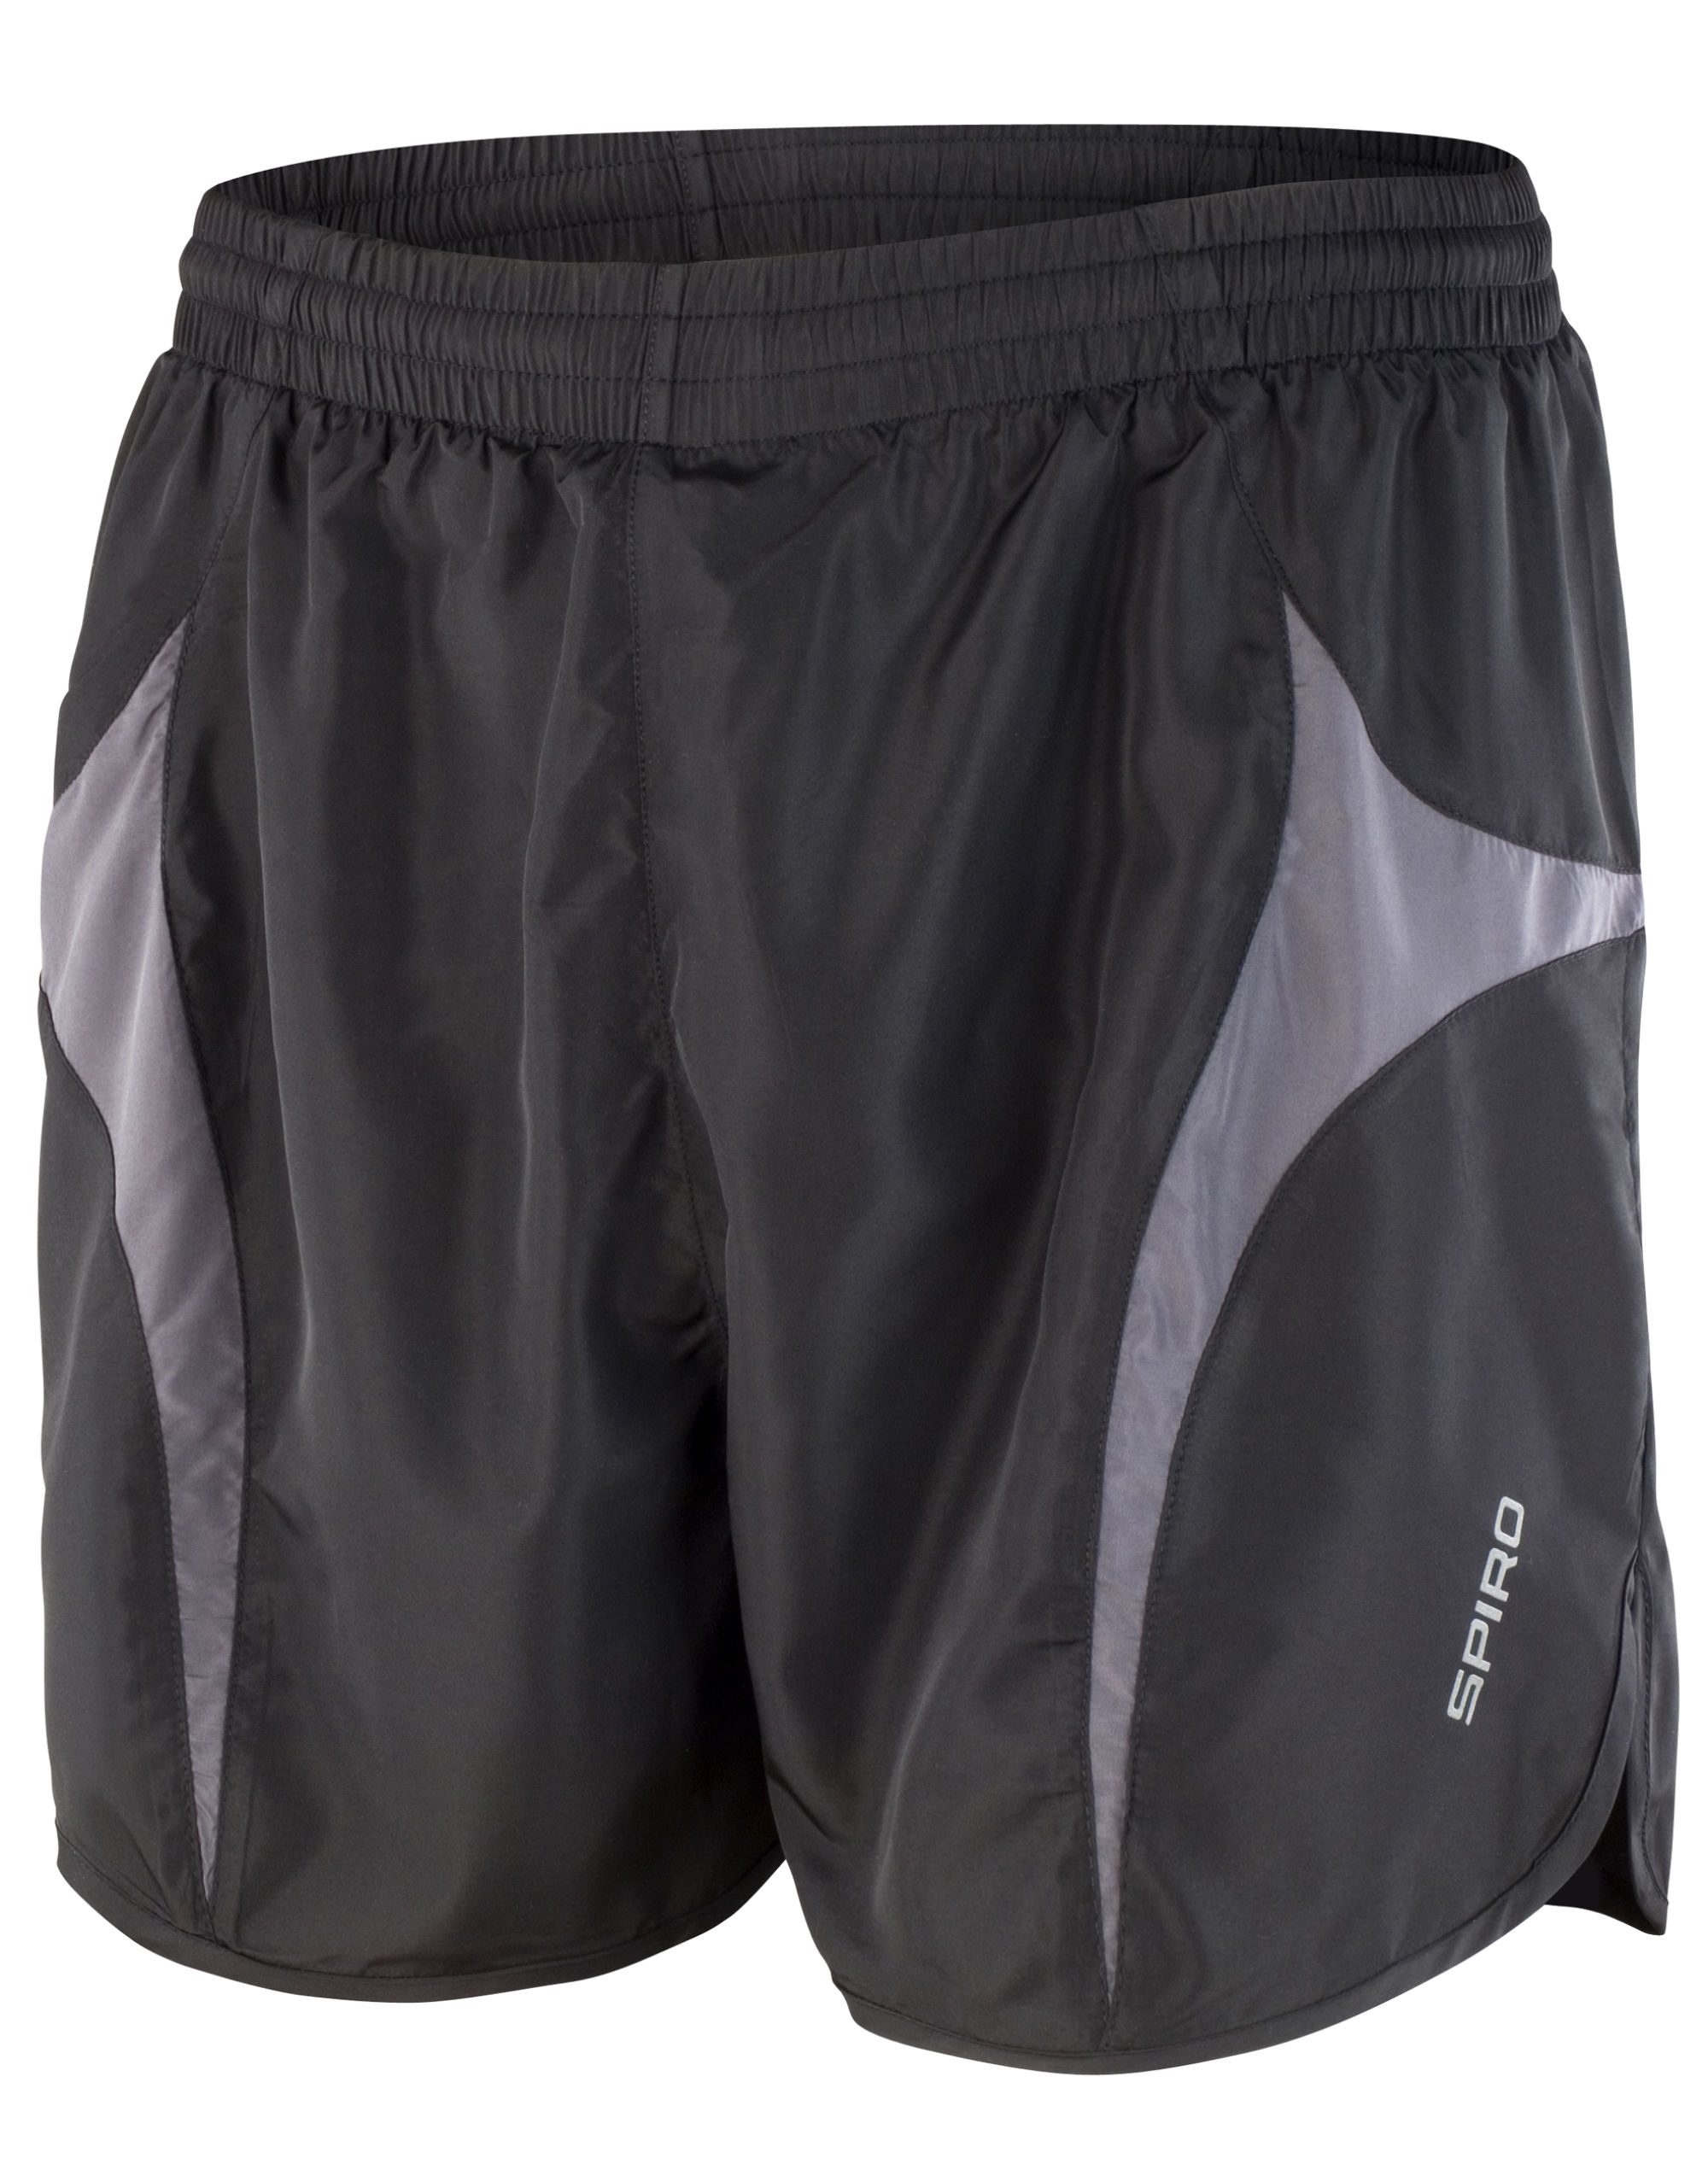 Spiro Unisex Micro-lite Running Shorts